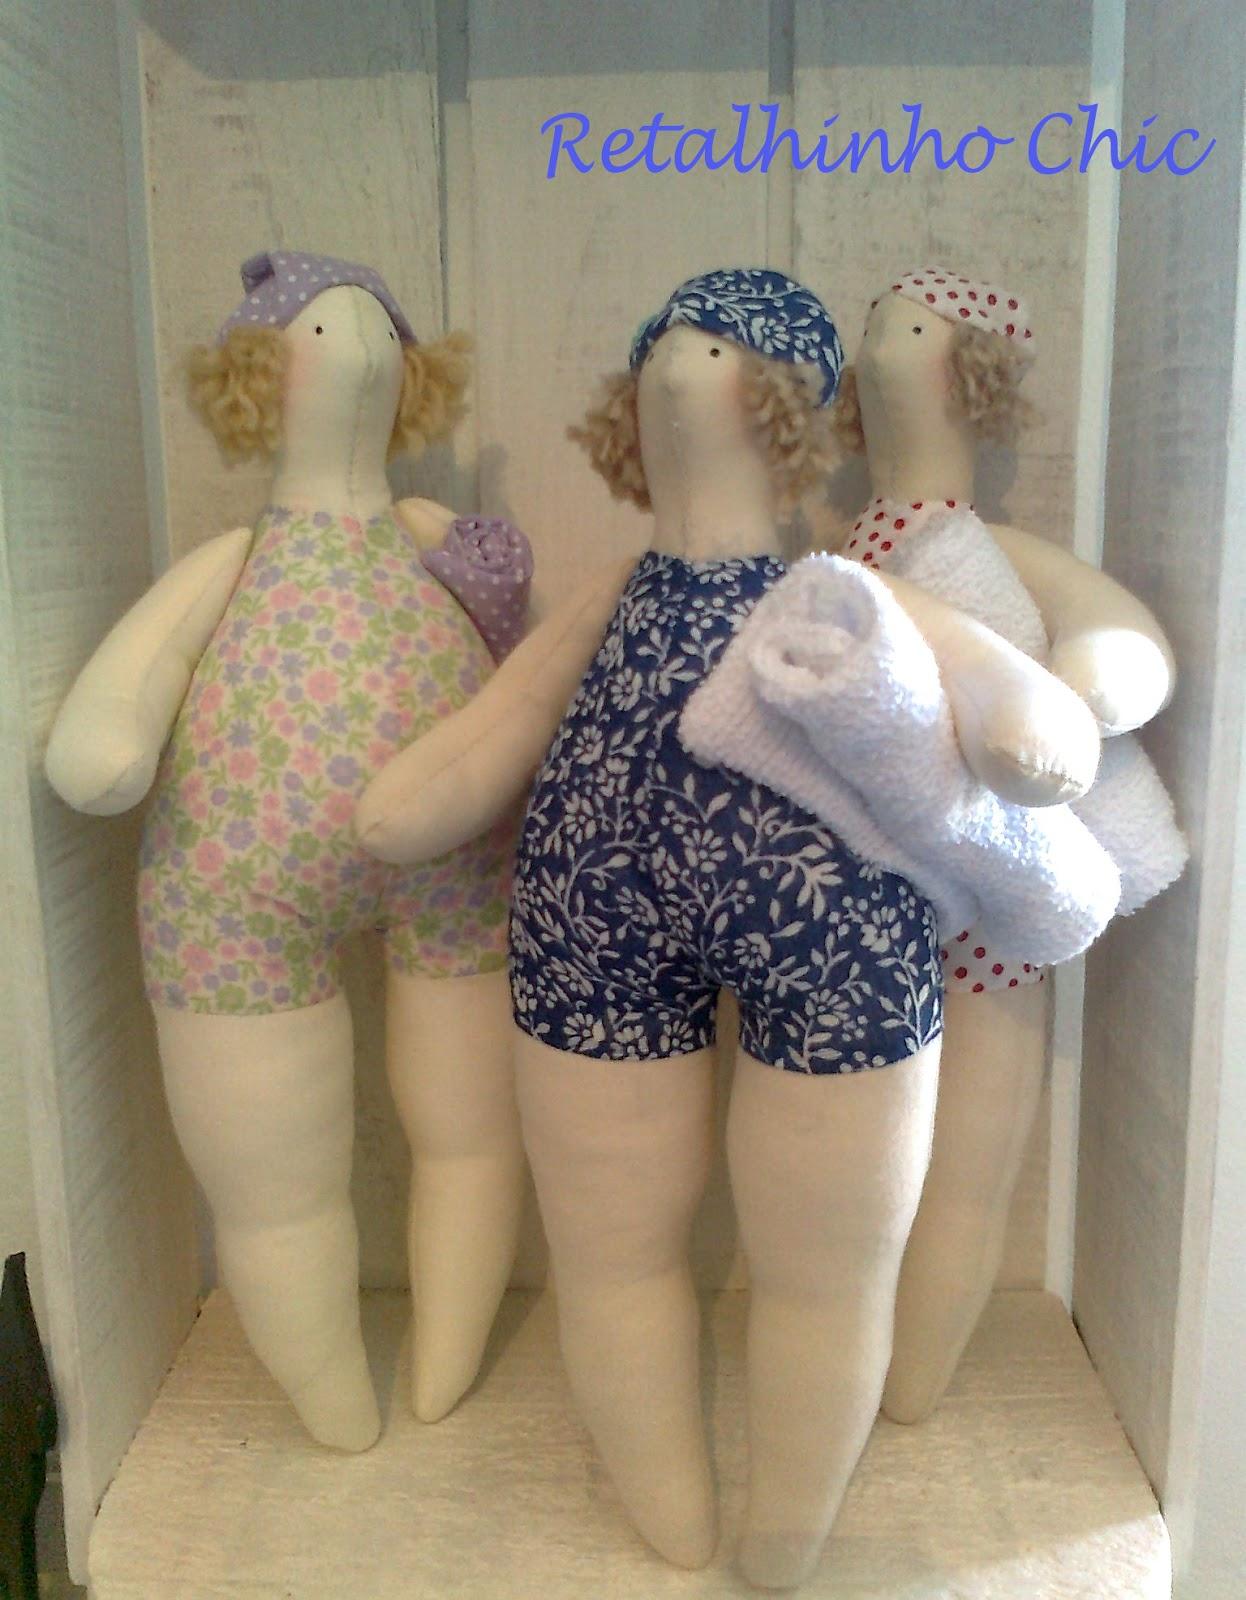 Menores Tres Meninas Nuas Praia Jpg